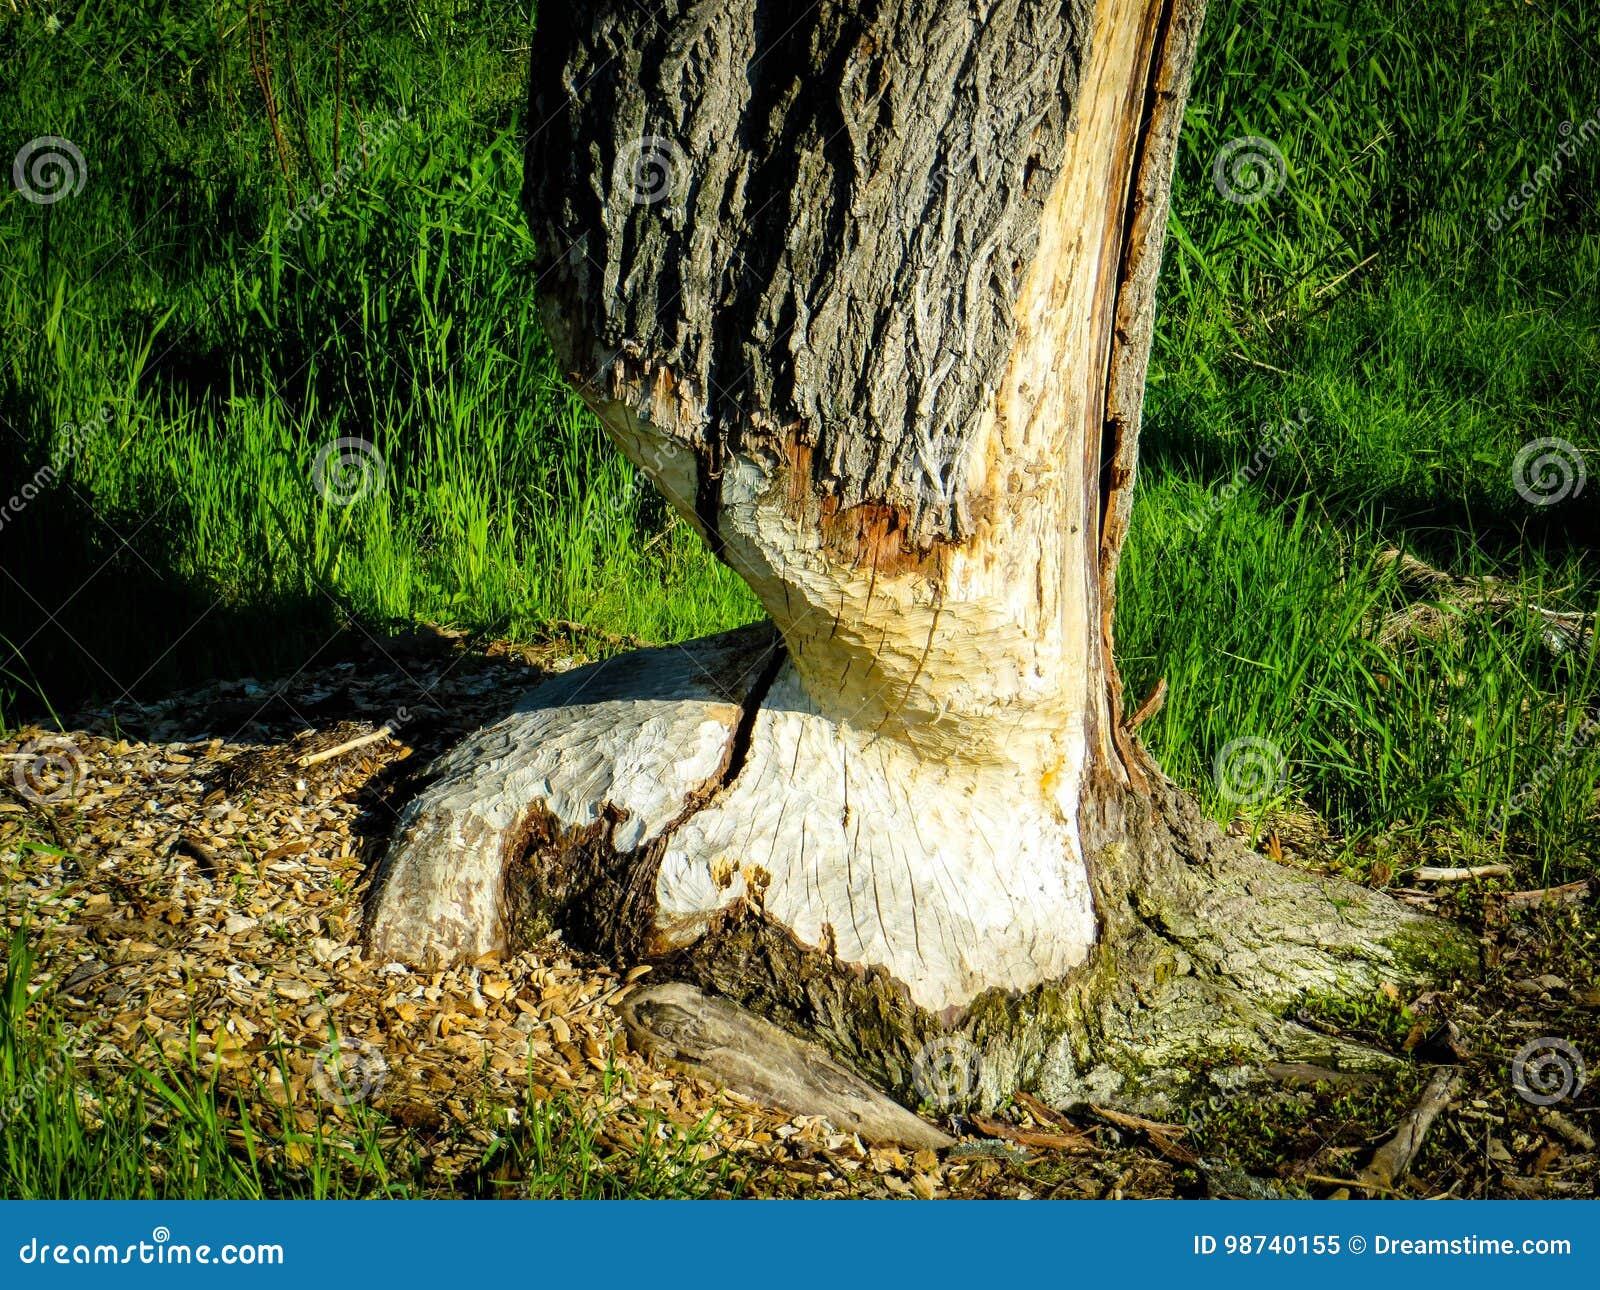 Rastros de un castor en un árbol